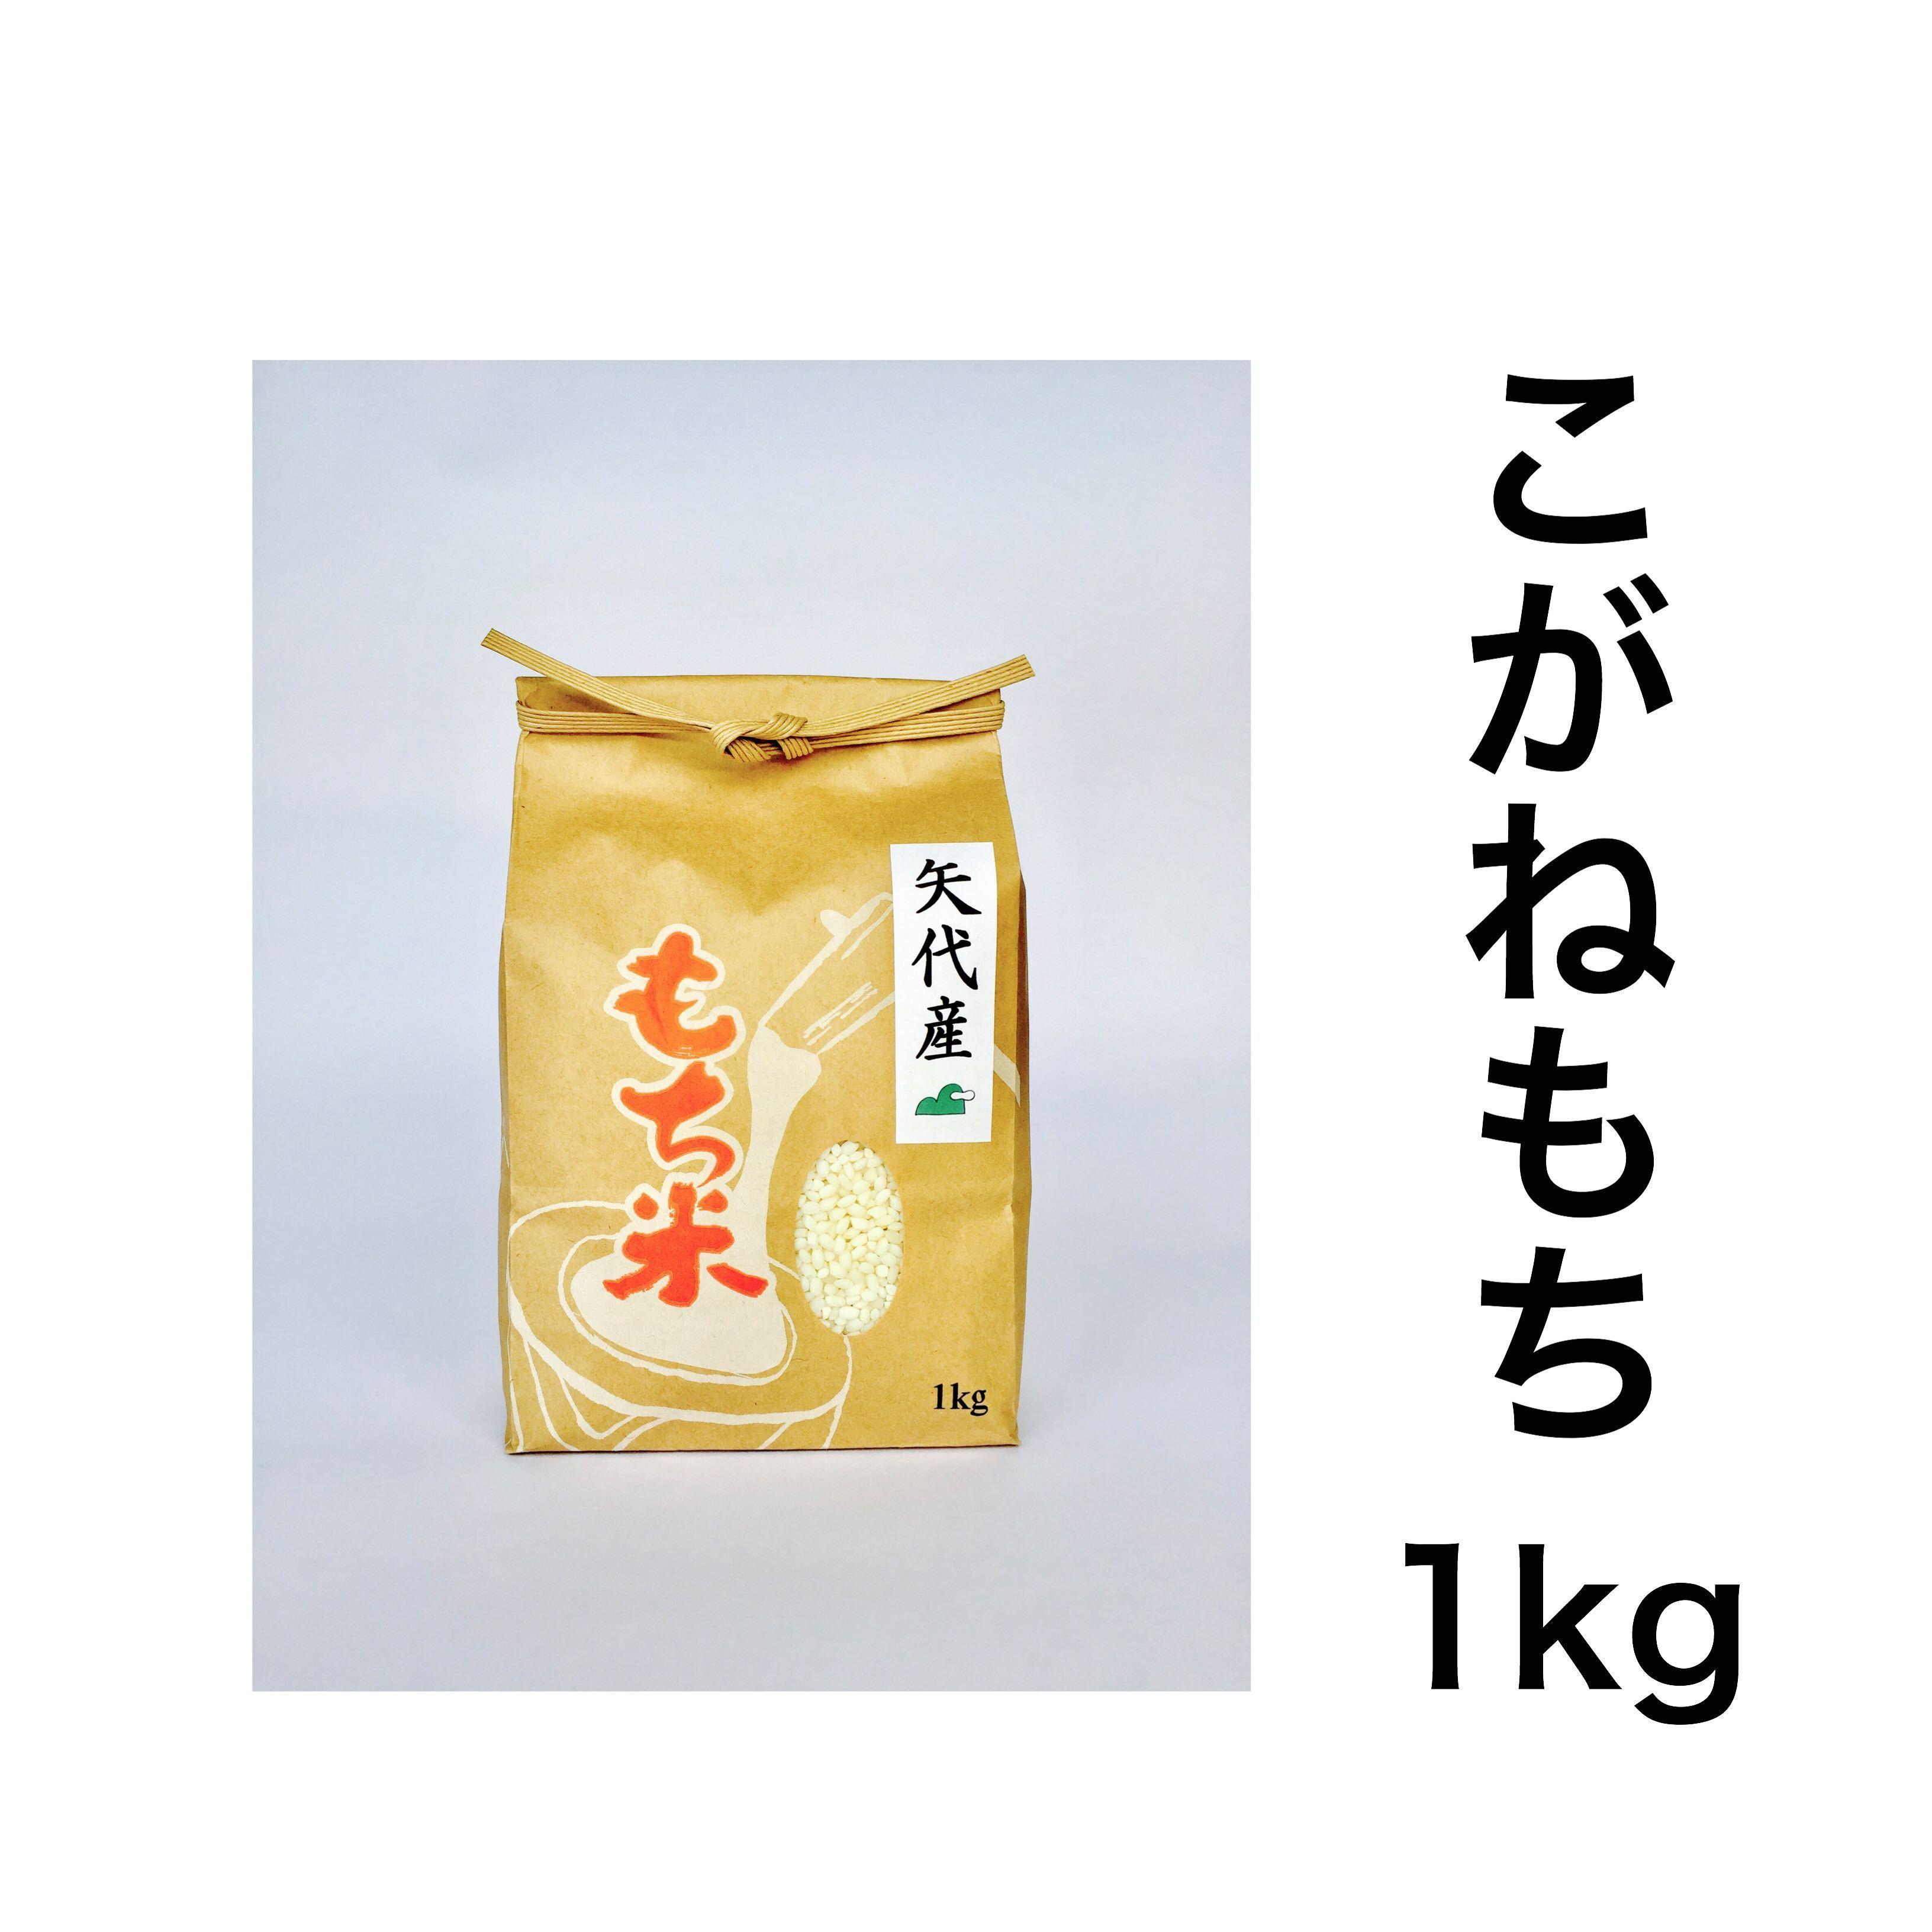 矢代産こがねもち【白米】1kg